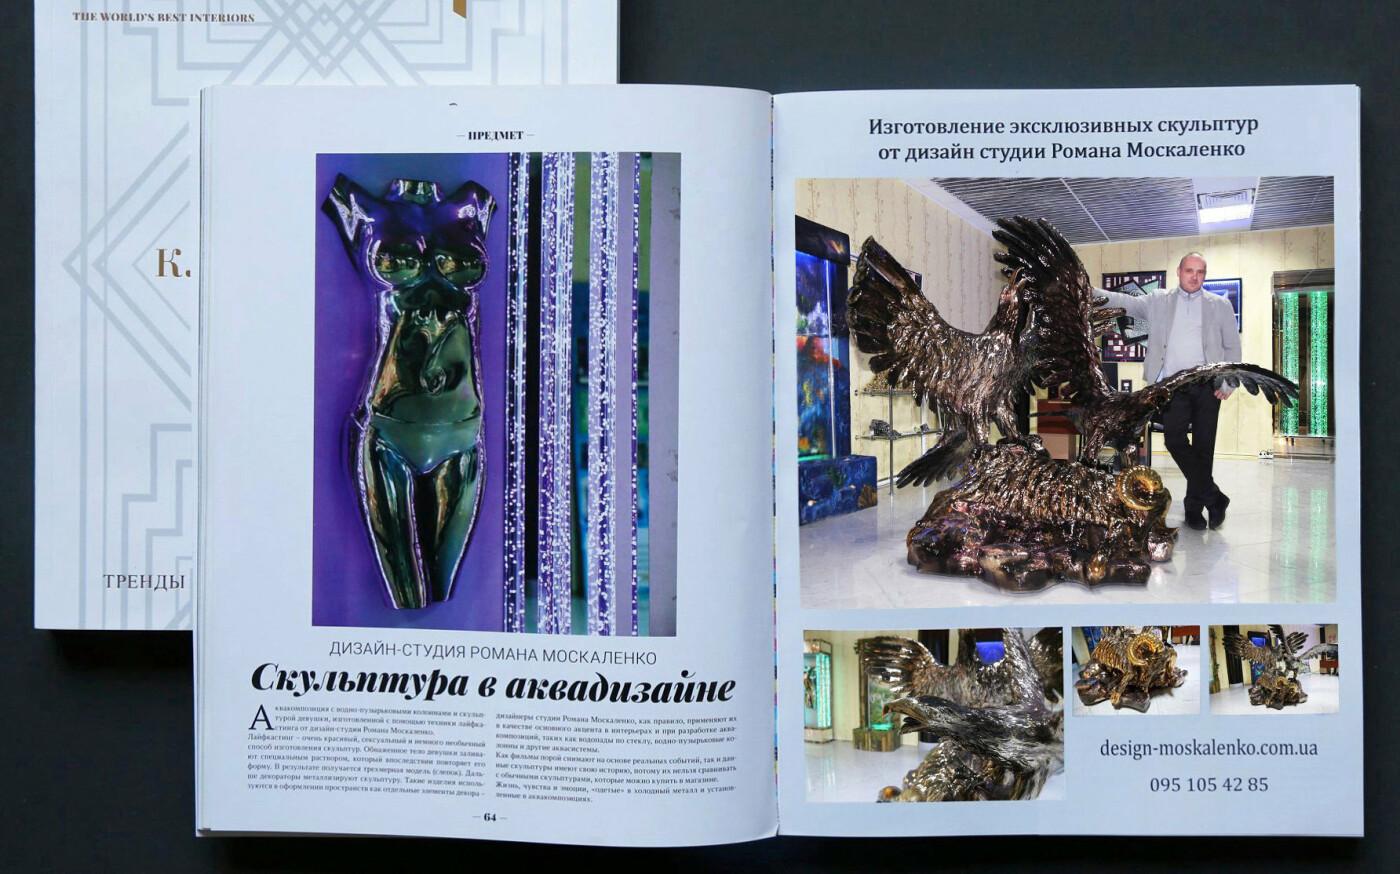 Найкрасивіші скульптури, Дизайн-студія Романа Москаленка